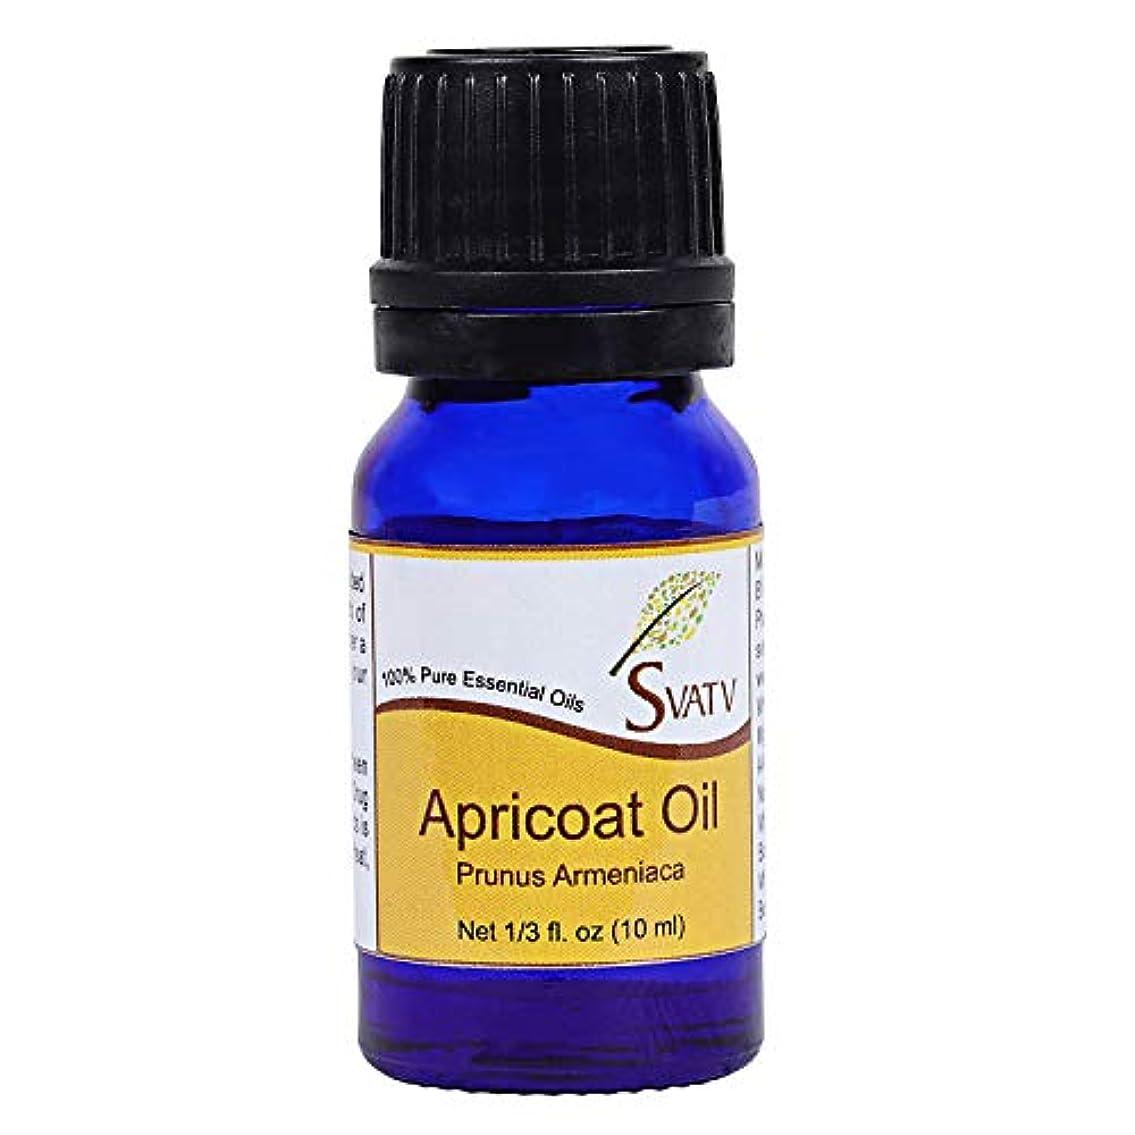 救援東ティモールナチュラSVATV Apricot (Prunus Armeniaca) Essential Oil 10 mL (1/3 oz) Therapeutic Grade, Aromatherapy Essential Oil